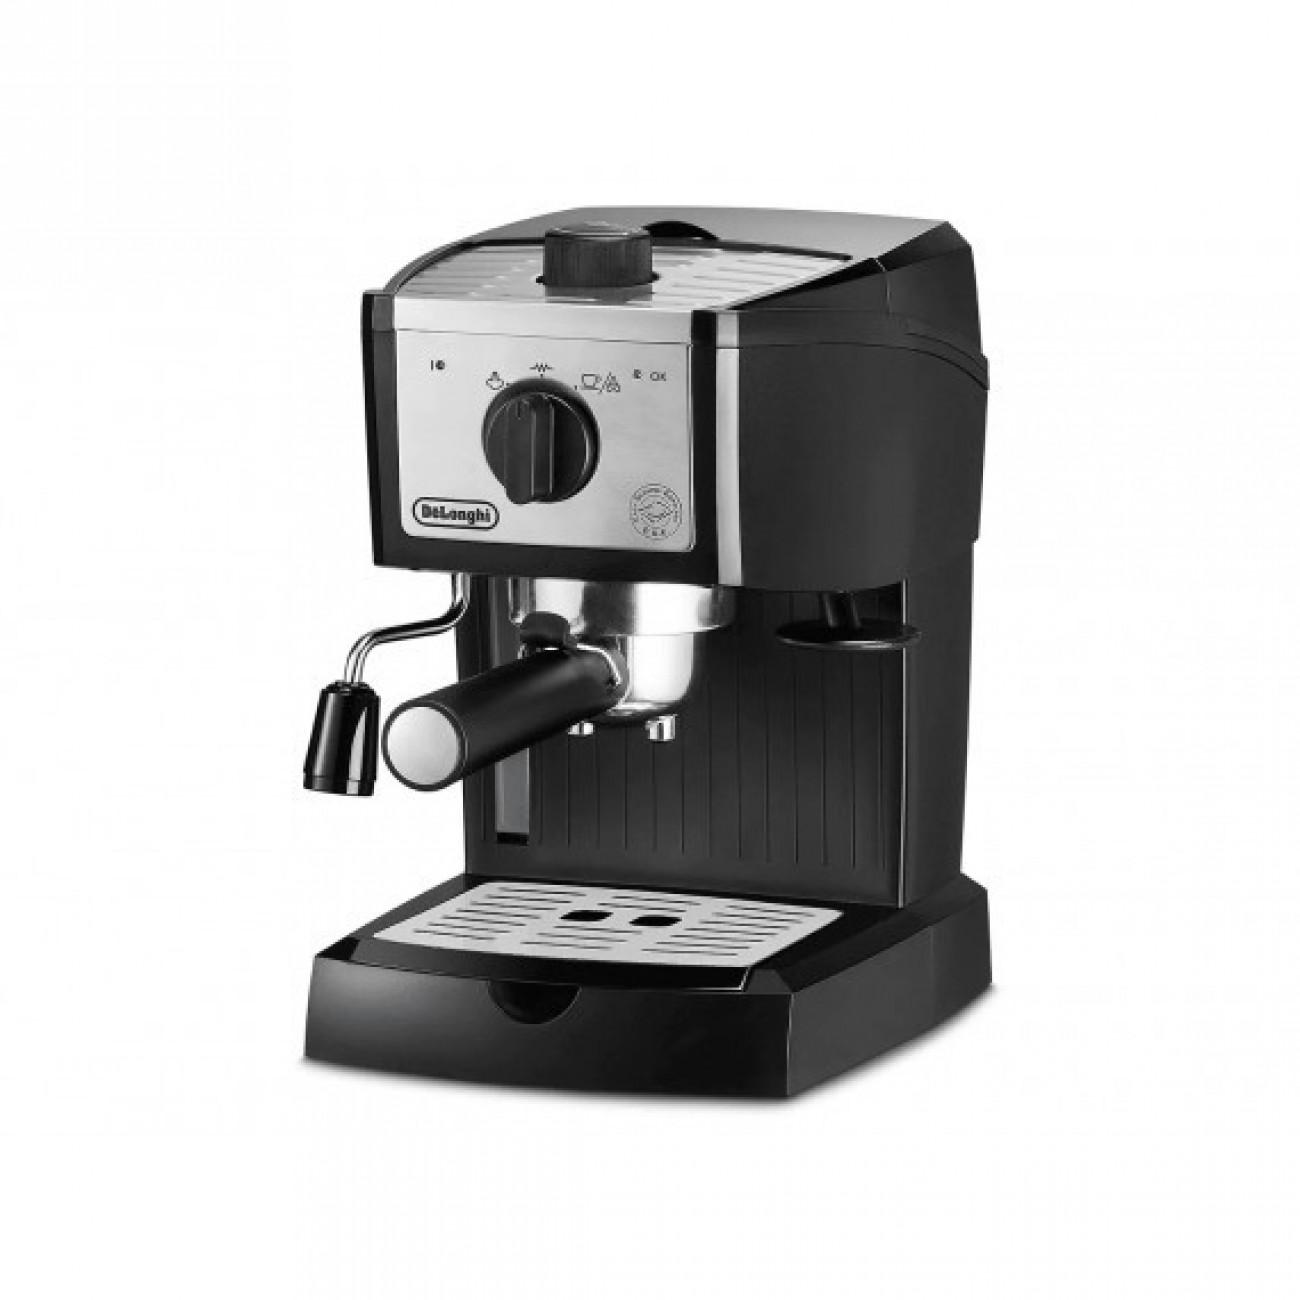 Кафемашина Delonghi EC 157 в Еспресо машини - DeLonghi | Alleop